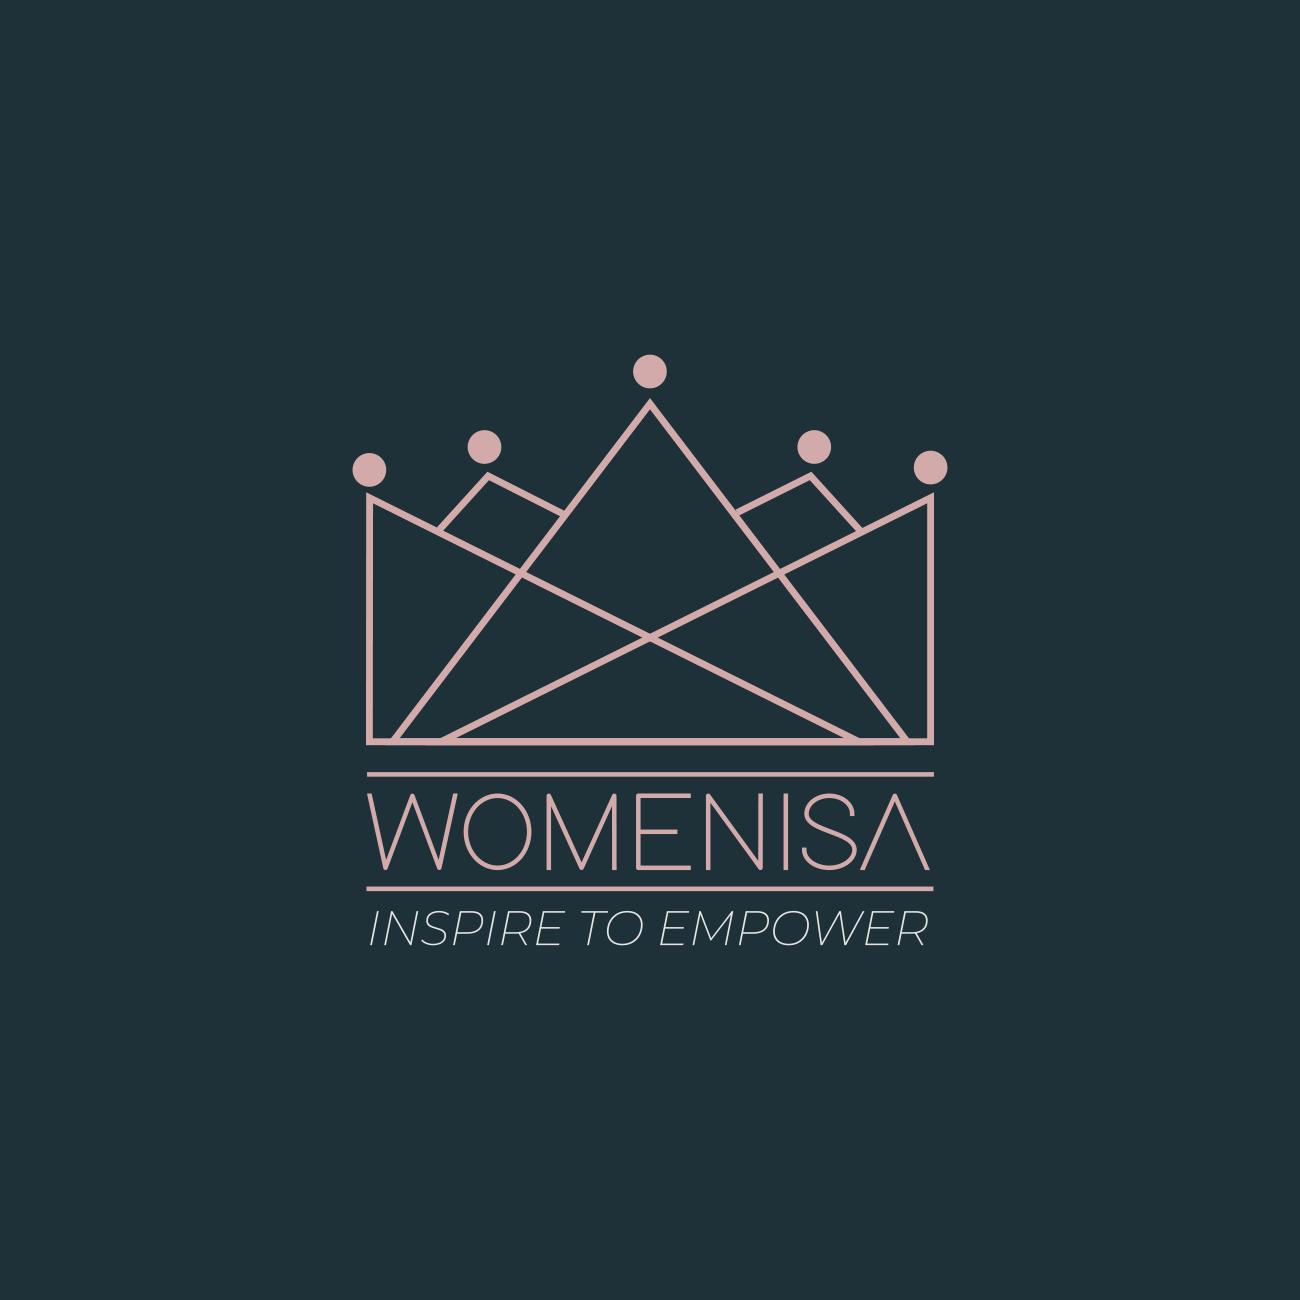 Womenisa